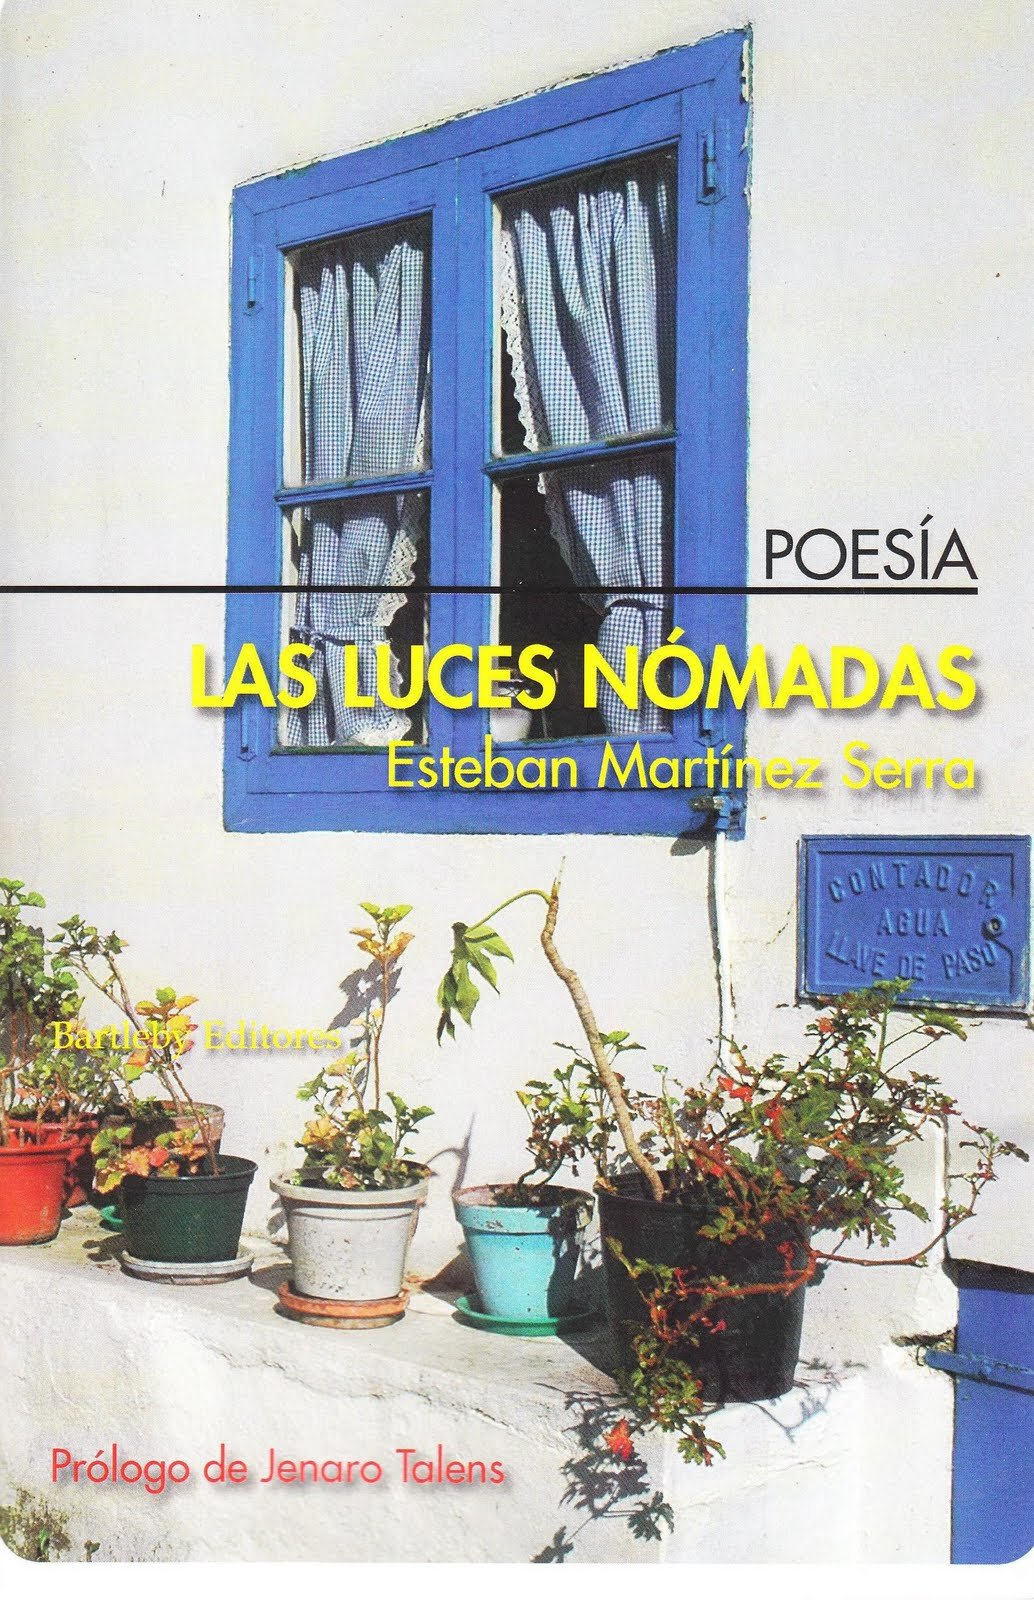 Esteban Martínez Serra, Las luces nómadas/ Bartleby